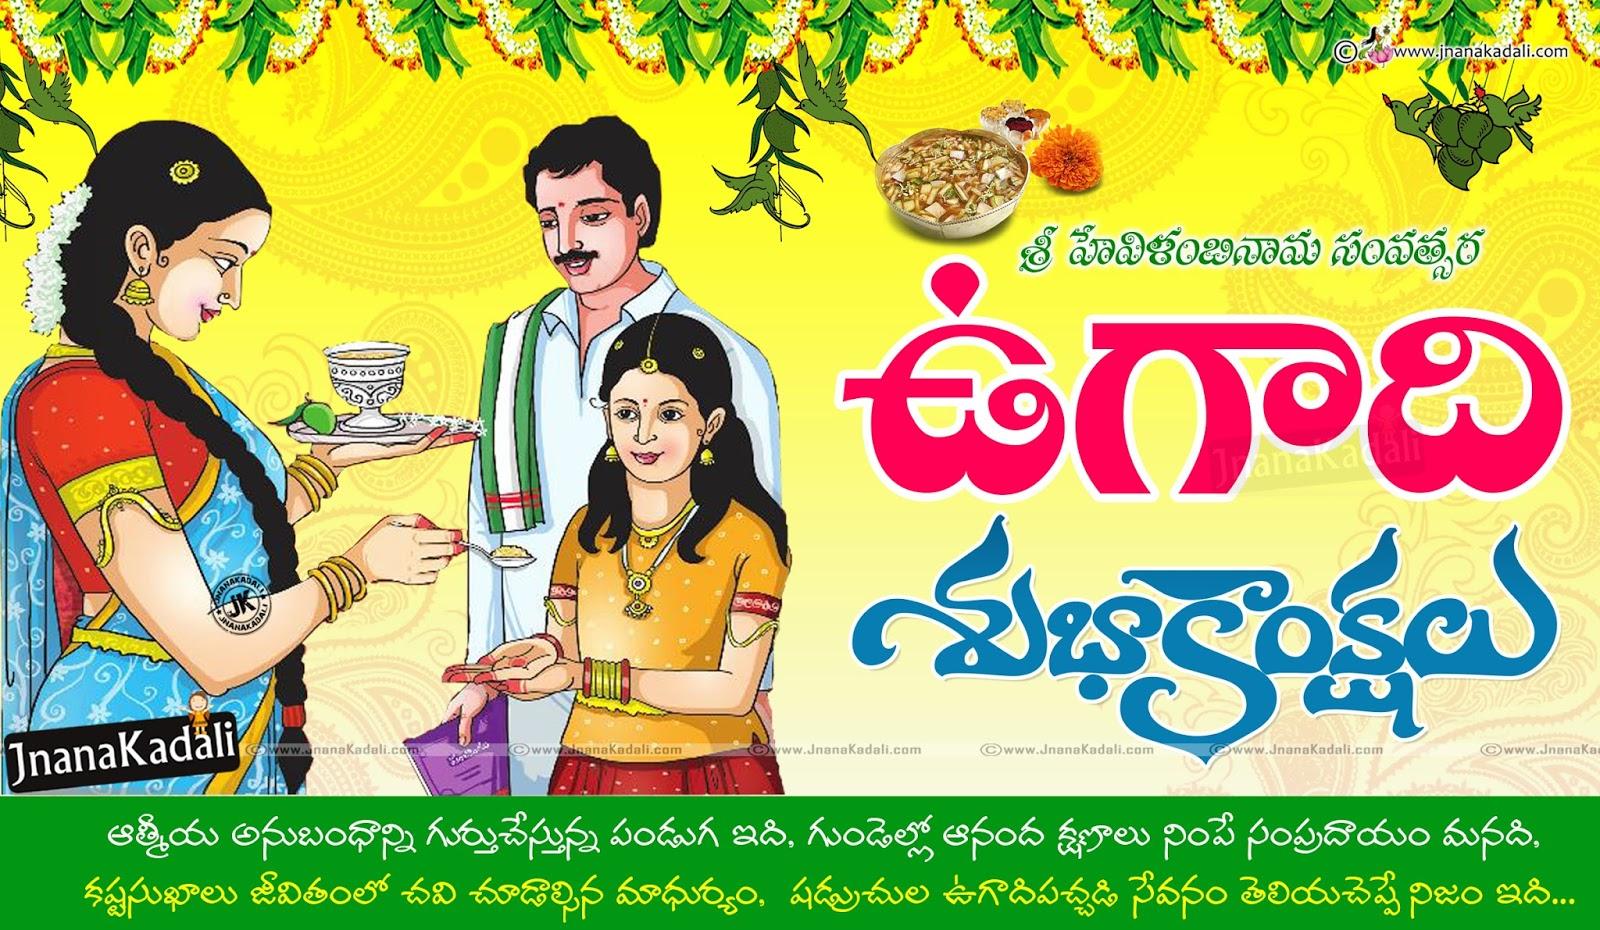 Telugu samvatsaradi sri hevalambinama samvatsara ugadi telugu ugadi greetings with hd wallpapers telugu trending ugadi greetings telugu samvatsaraadi ugadi subhakankshalu m4hsunfo